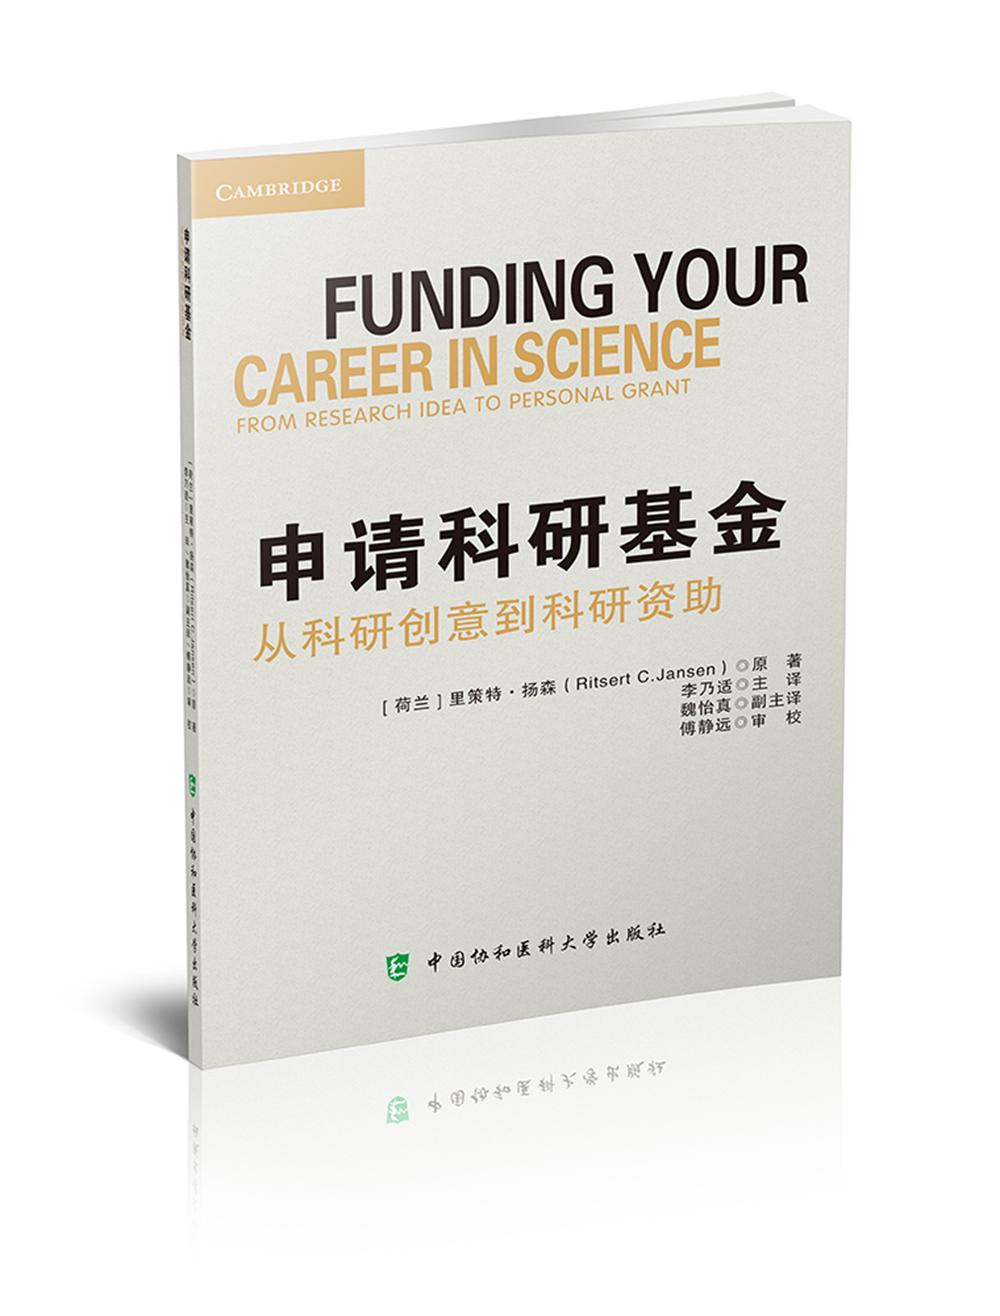 申请科研基金——从科研创意到科研资助